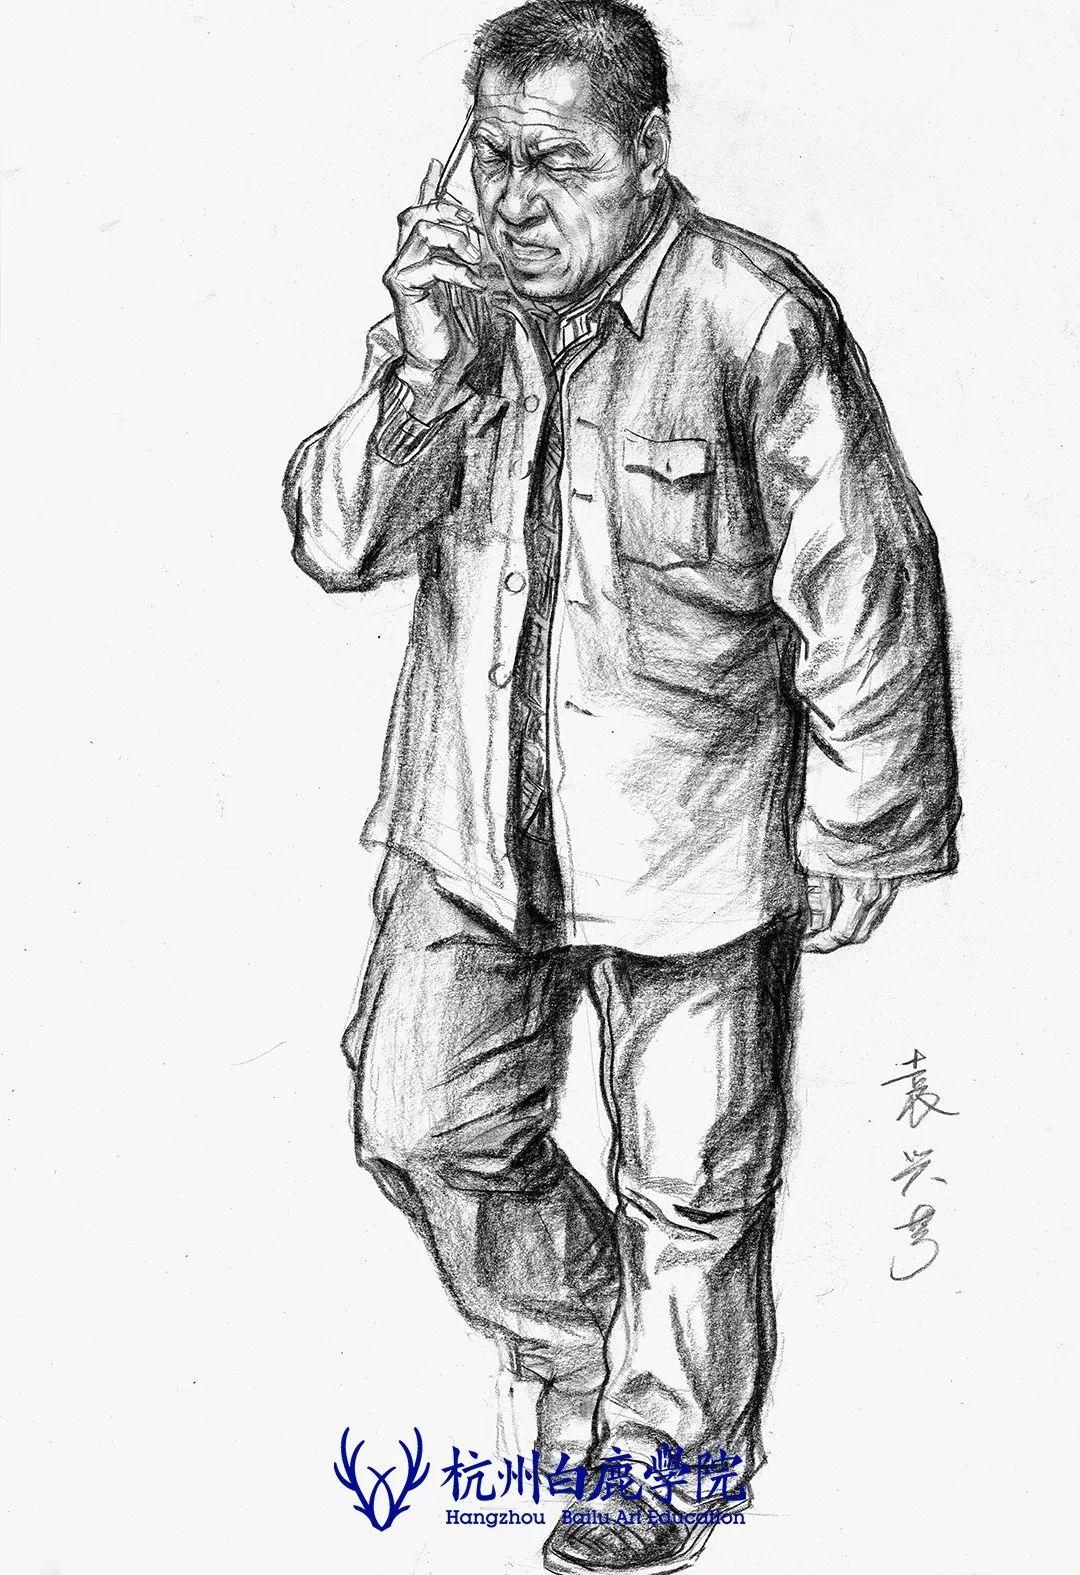 杭州白鹿画室,杭州美术校考,中国美术学院       05